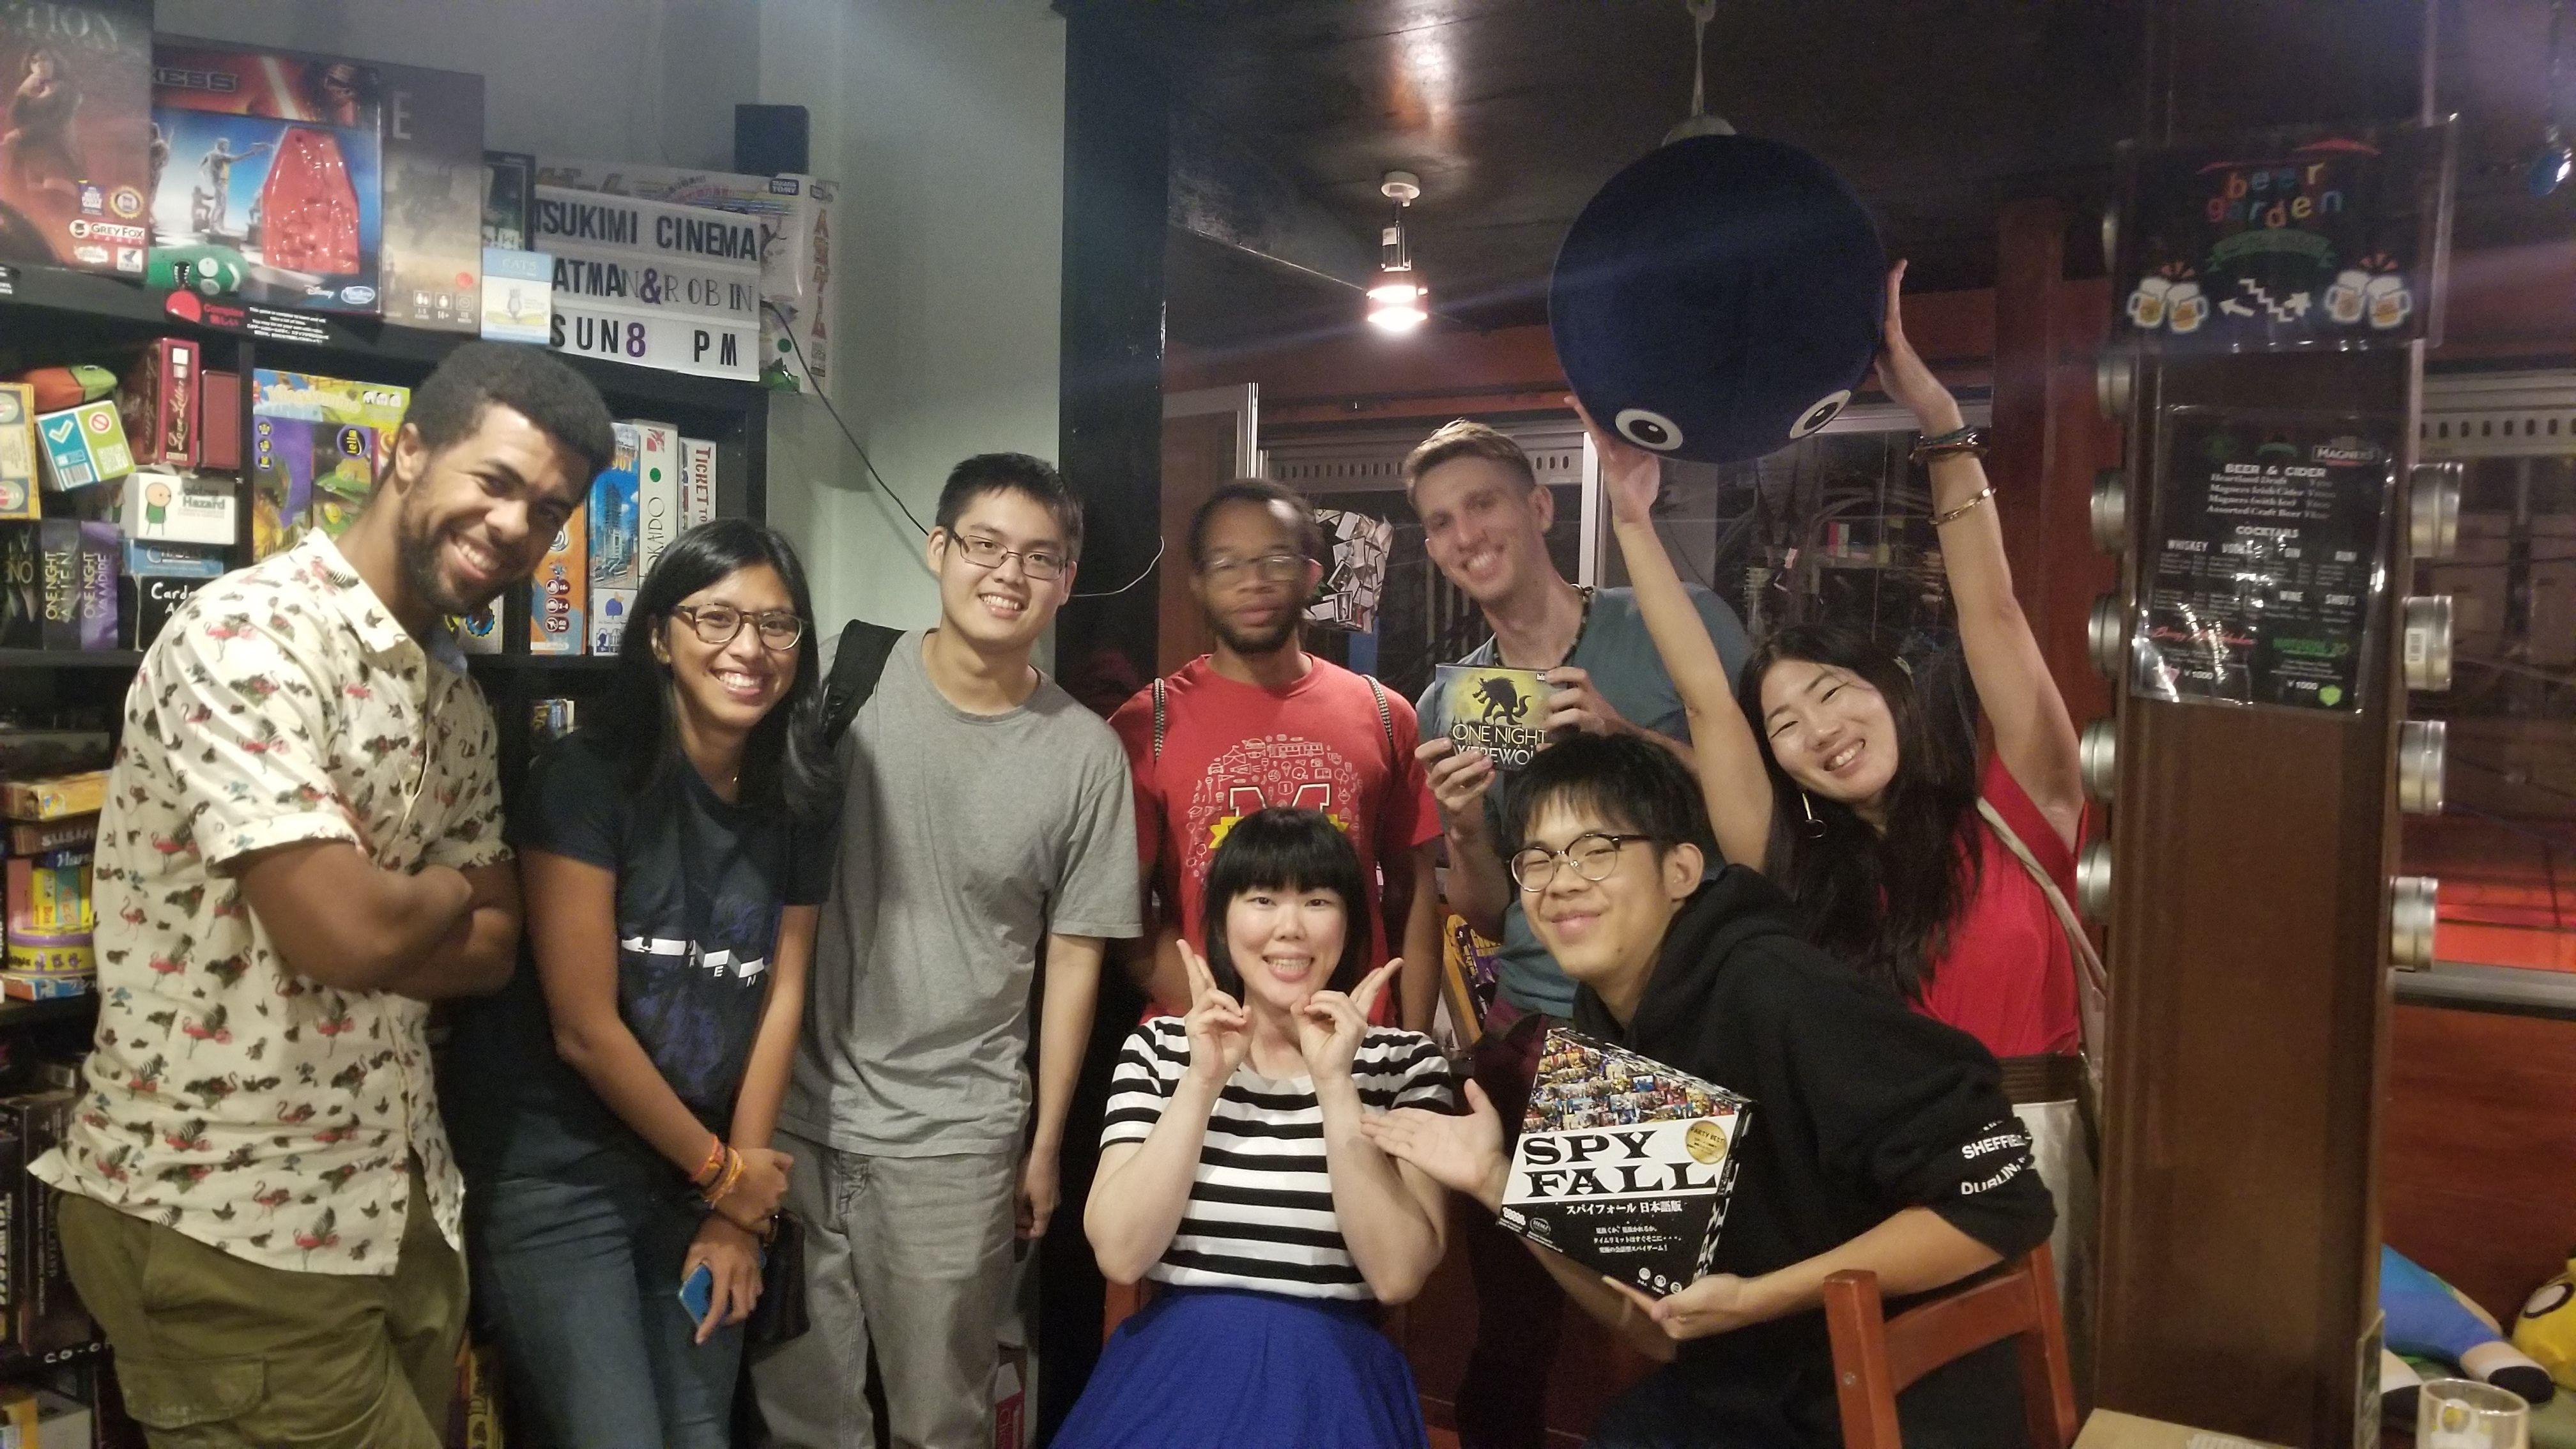 Osaka Board Gamers of Osaka